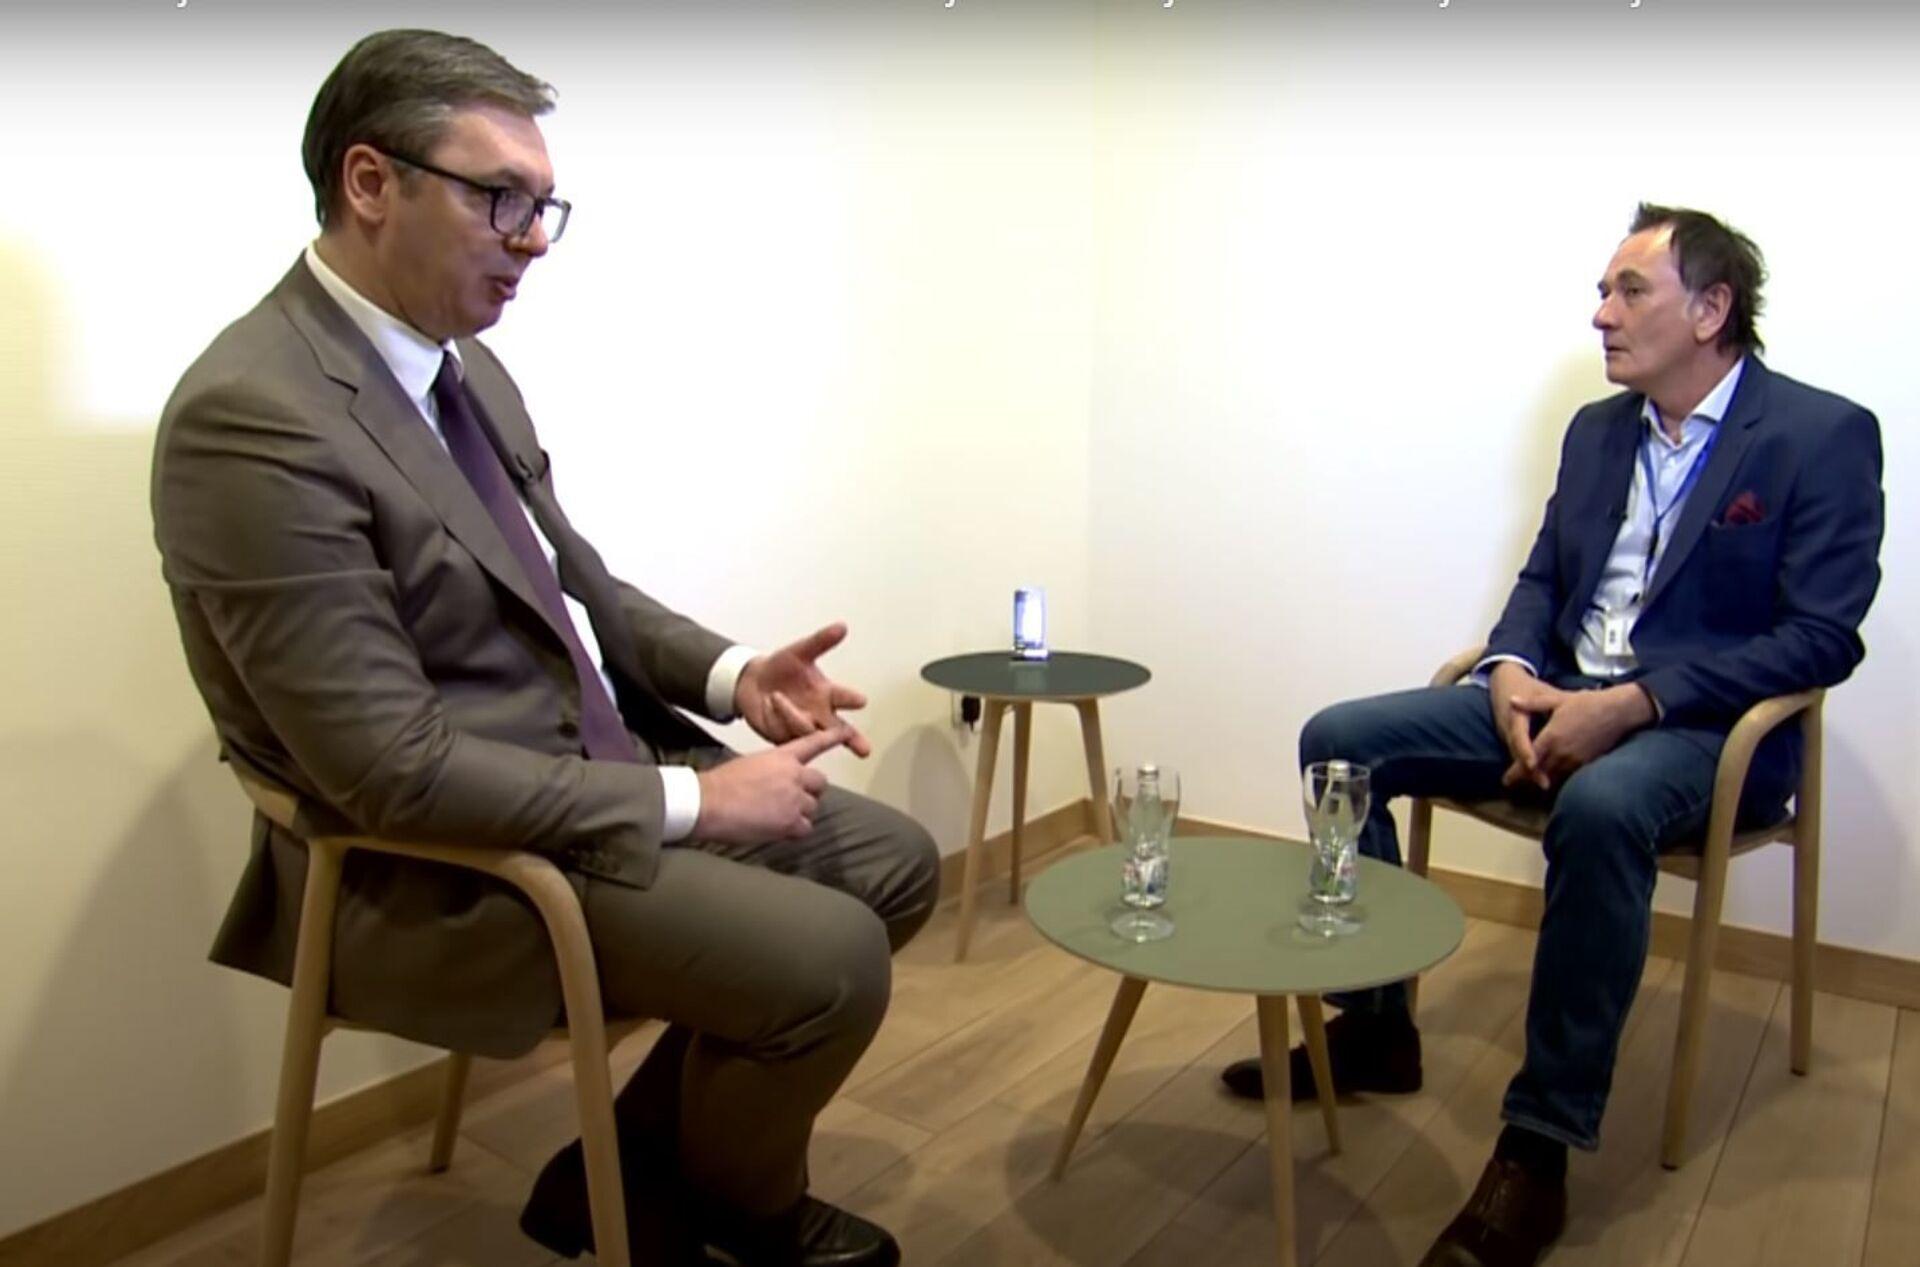 """""""Хисторијски"""" интервју који је """"уздрмао регион"""": Како протраћити милион - Sputnik Србија, 1920, 06.03.2021"""